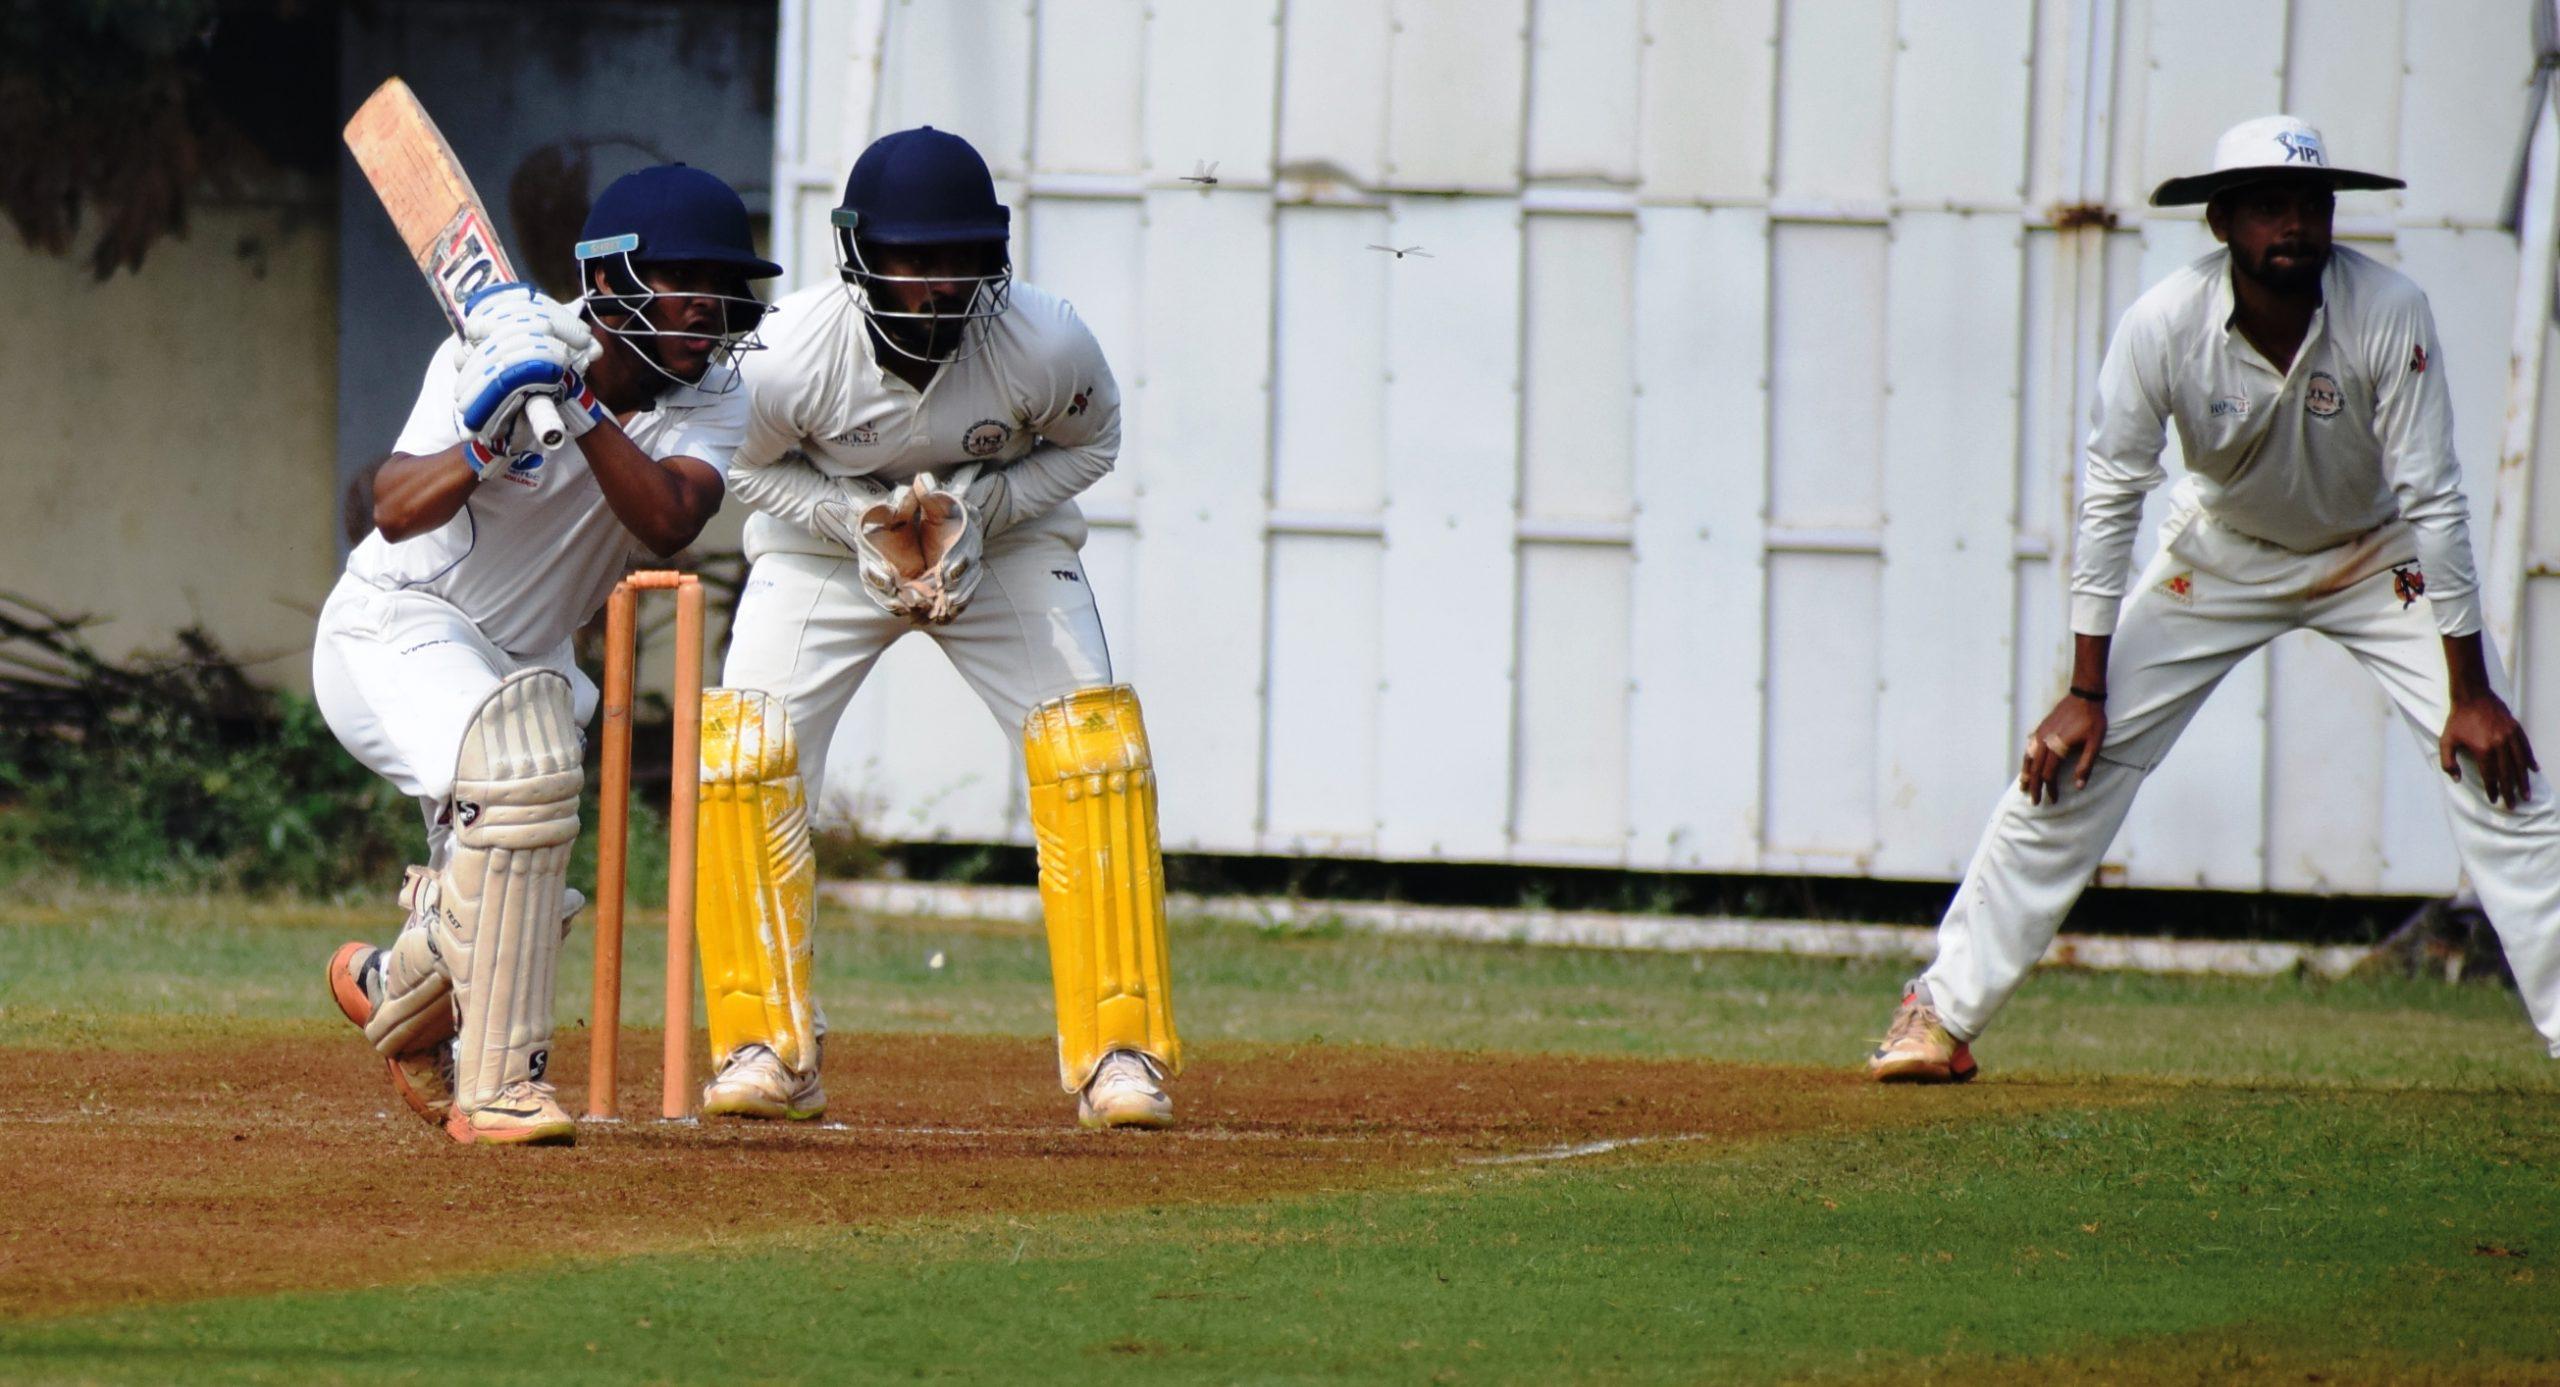 पीवायसी चॅलेंजर करंडक 3दिवसीय निमंत्रित क्रिकेट स्पर्धेत पहिल्या दिवशी क्लब महाराष्ट्र संघाचे वर्चस्व